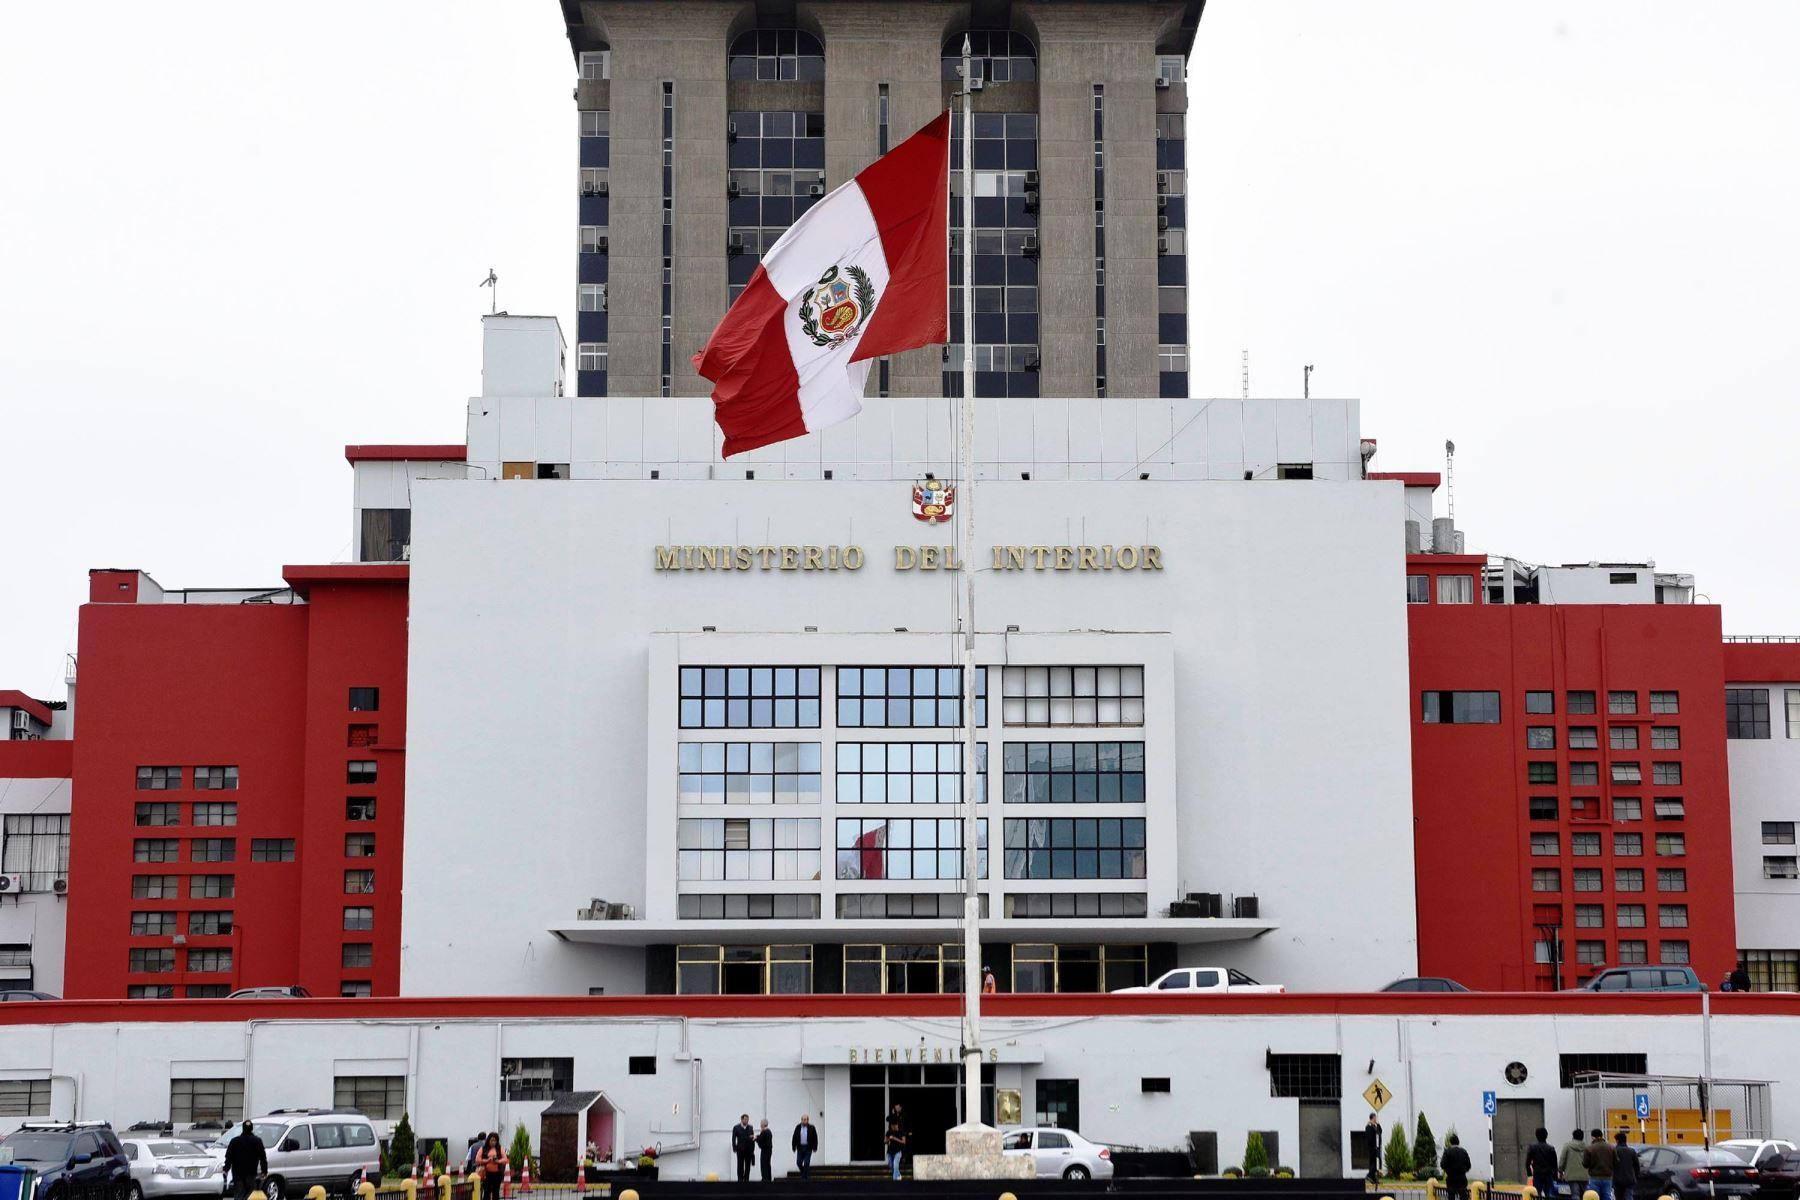 Mininter califica de preocupantes fallos judiciales que for Turnos ministerio del interior legalizaciones